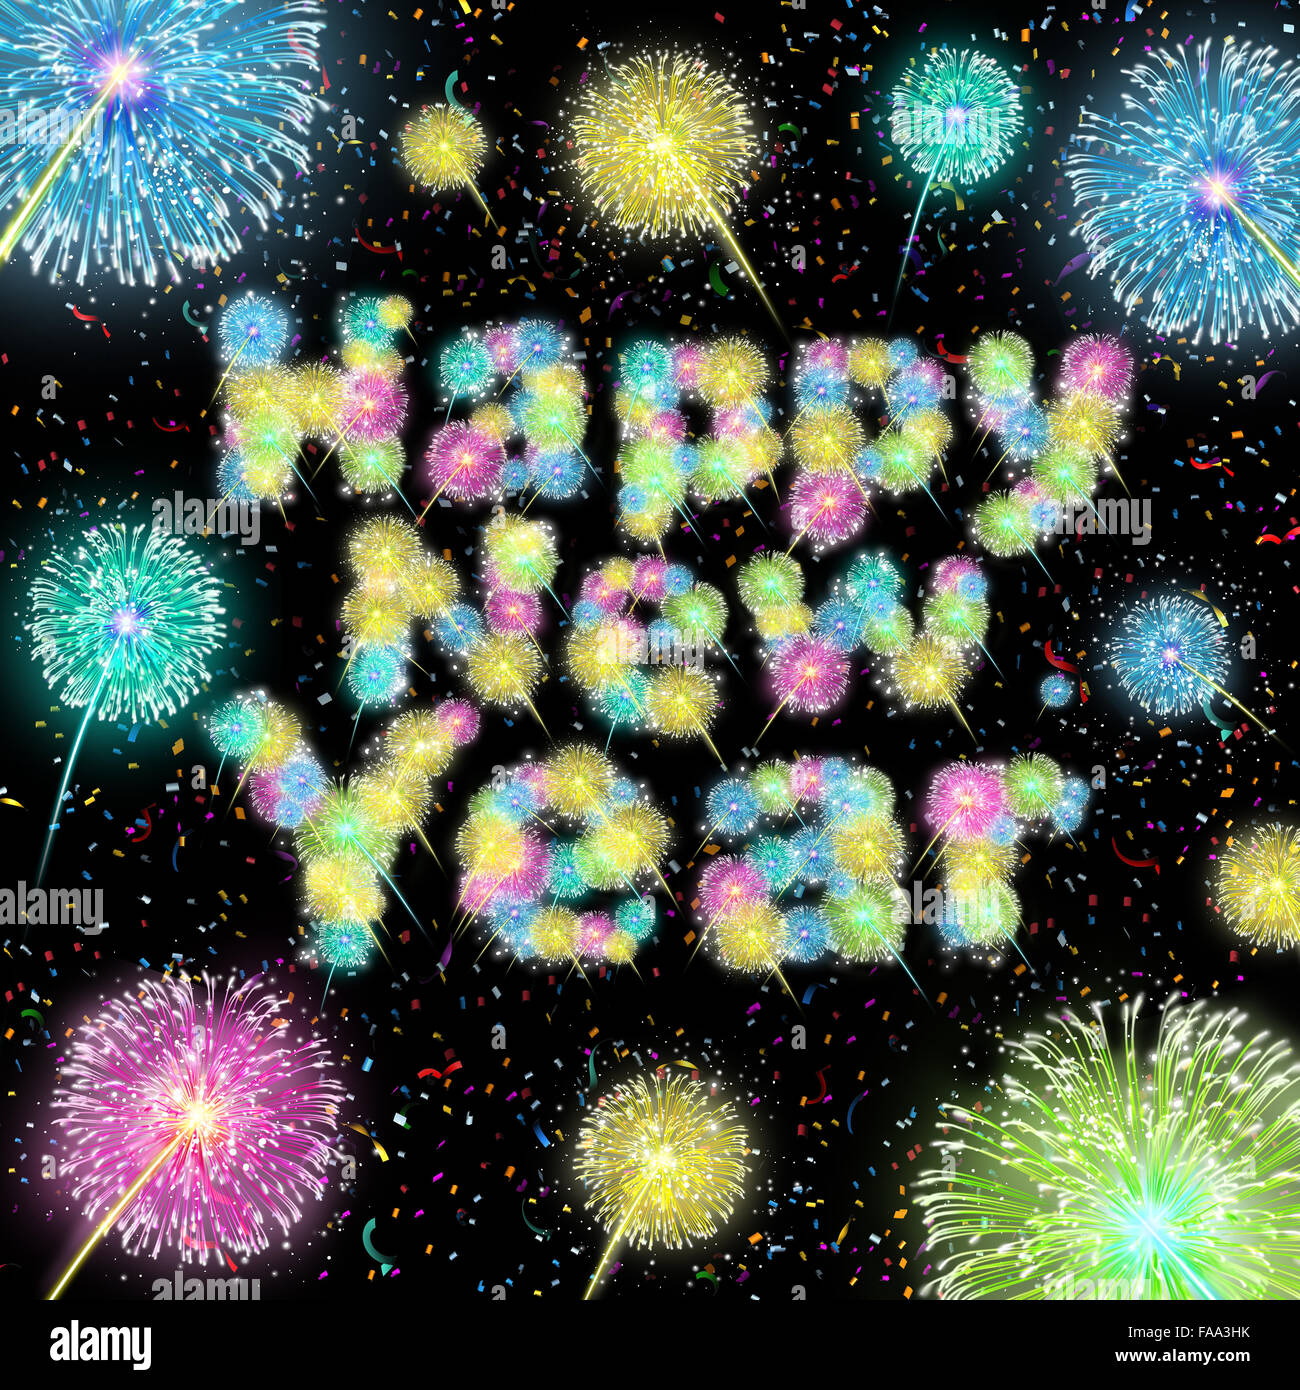 Happy New Year Celebration texto efectuadas con ráfagas de fuegos artificiales con un espectáculo de luz Imagen De Stock